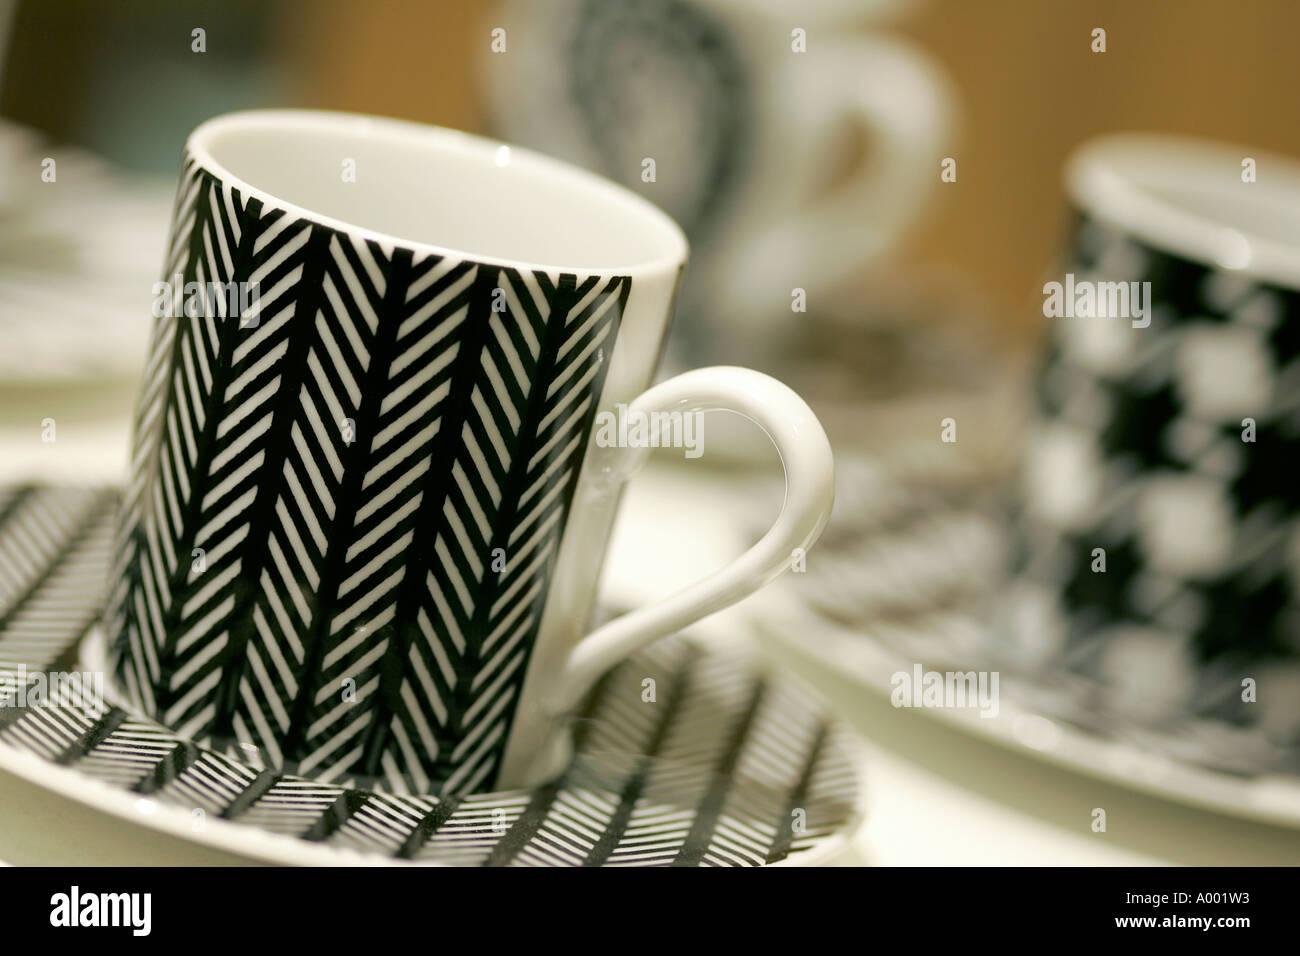 Traditionnel Porcelaine Vaisselle Restauration Design Tea Time vm8nPy0wNO